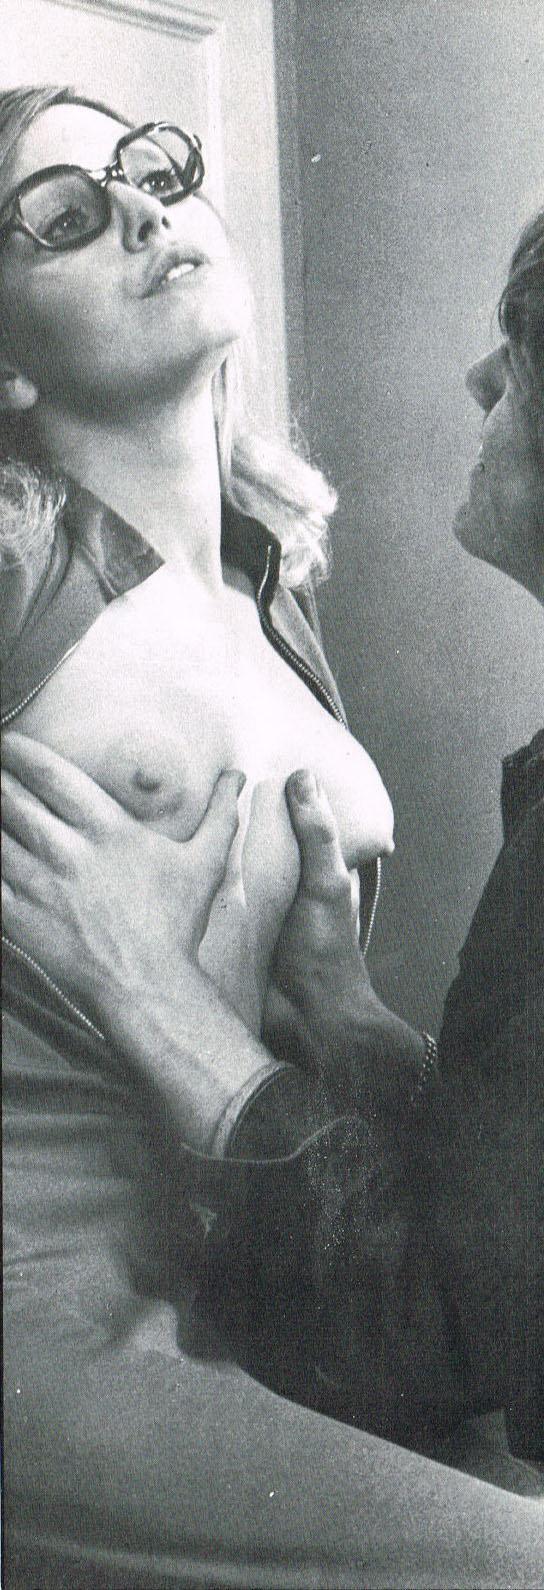 Катя Уайет голая. Фото - 6